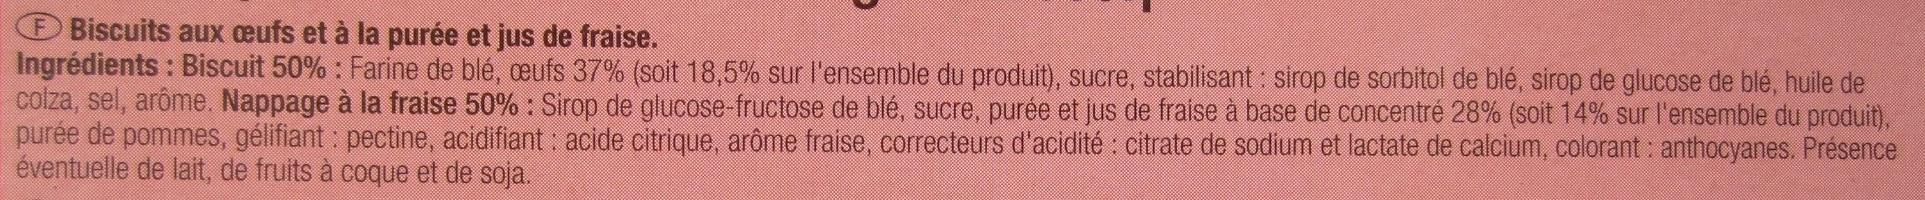 Barquettes - Ingrédients - fr